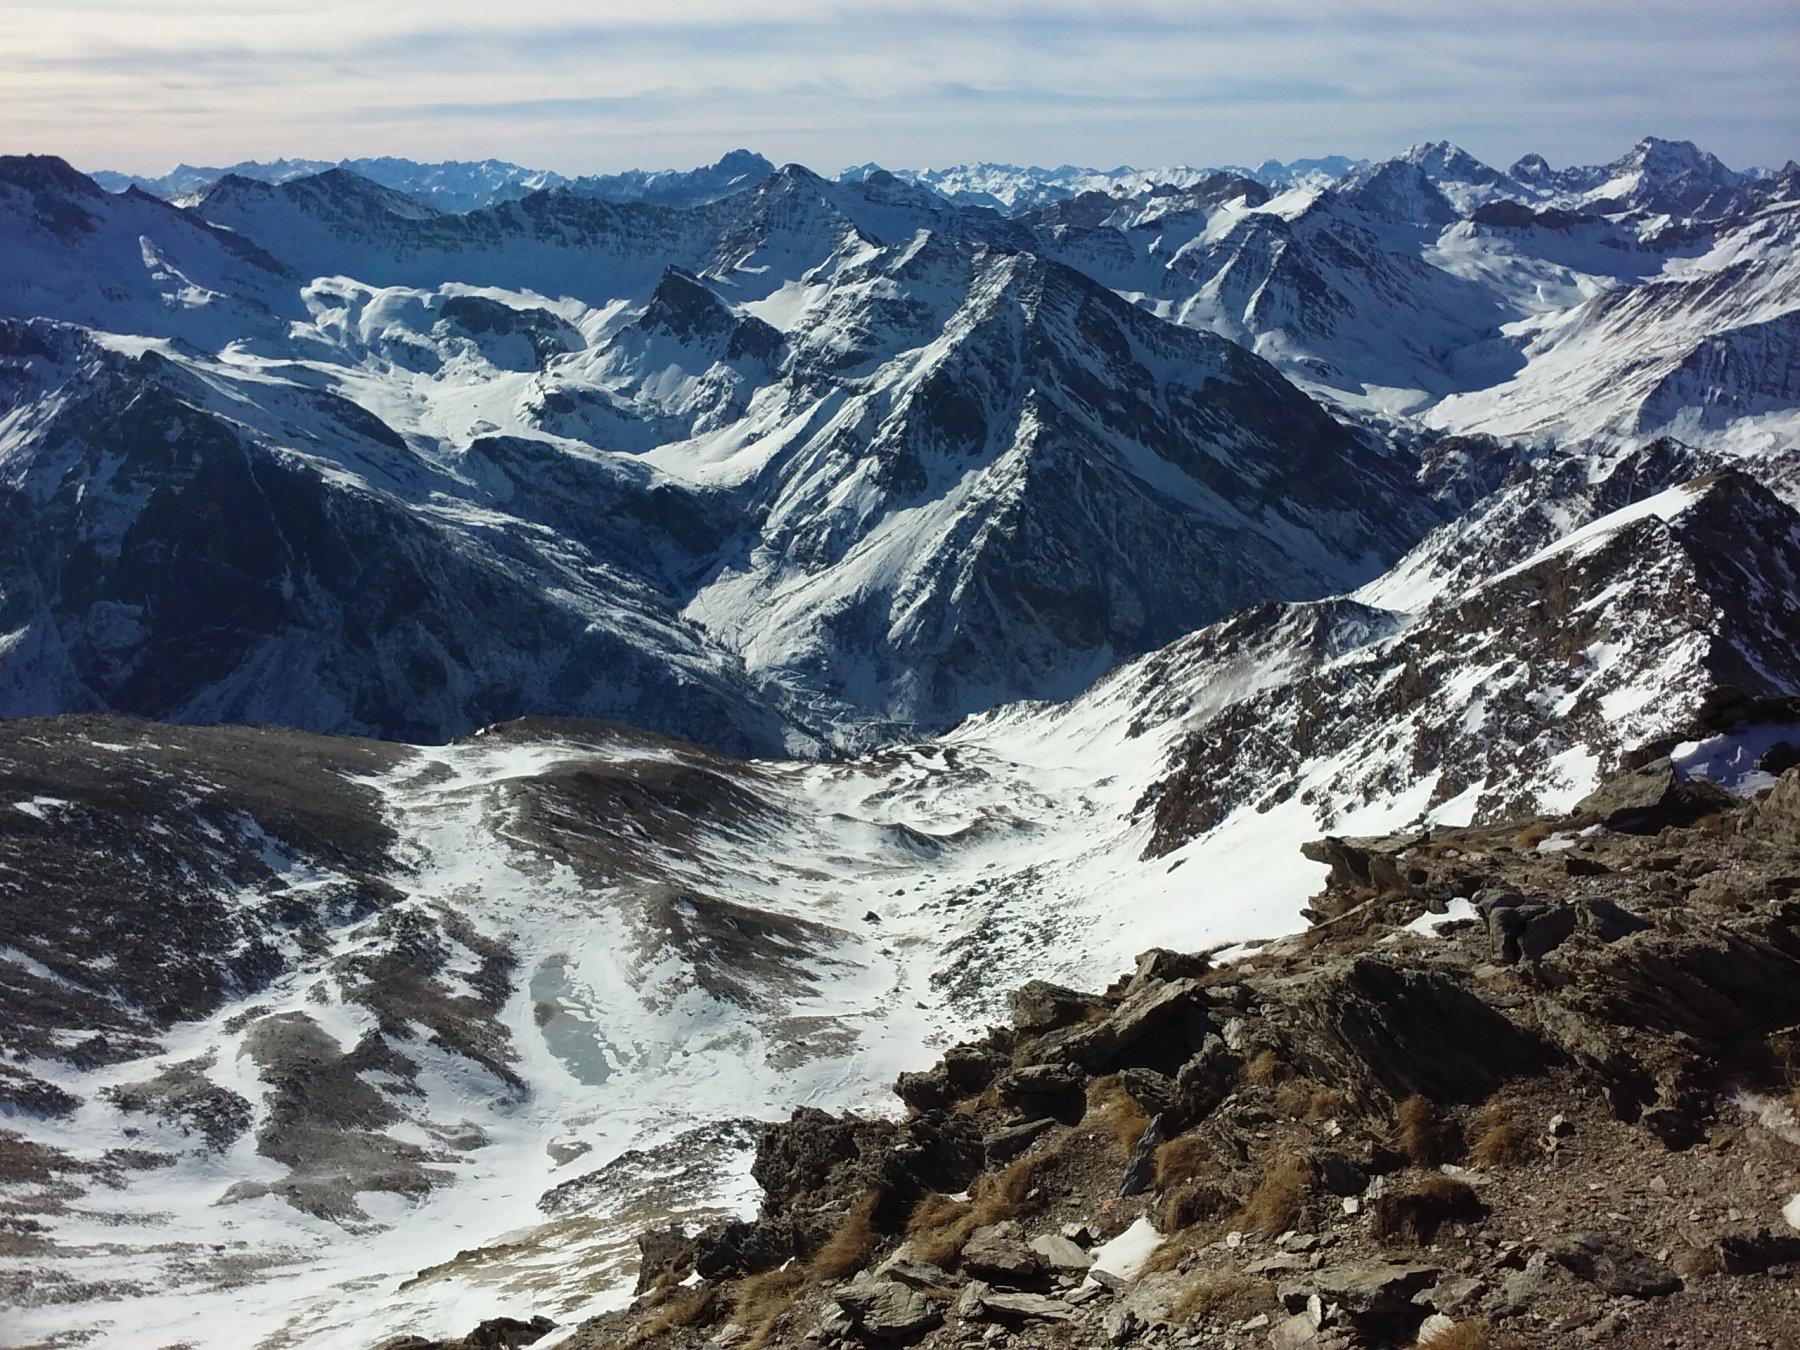 Dalla vetta: il vallone di salita e, dietro, il grandioso vallone di Traversagn, con la rocca Marchisa nell'angolo sinistro.